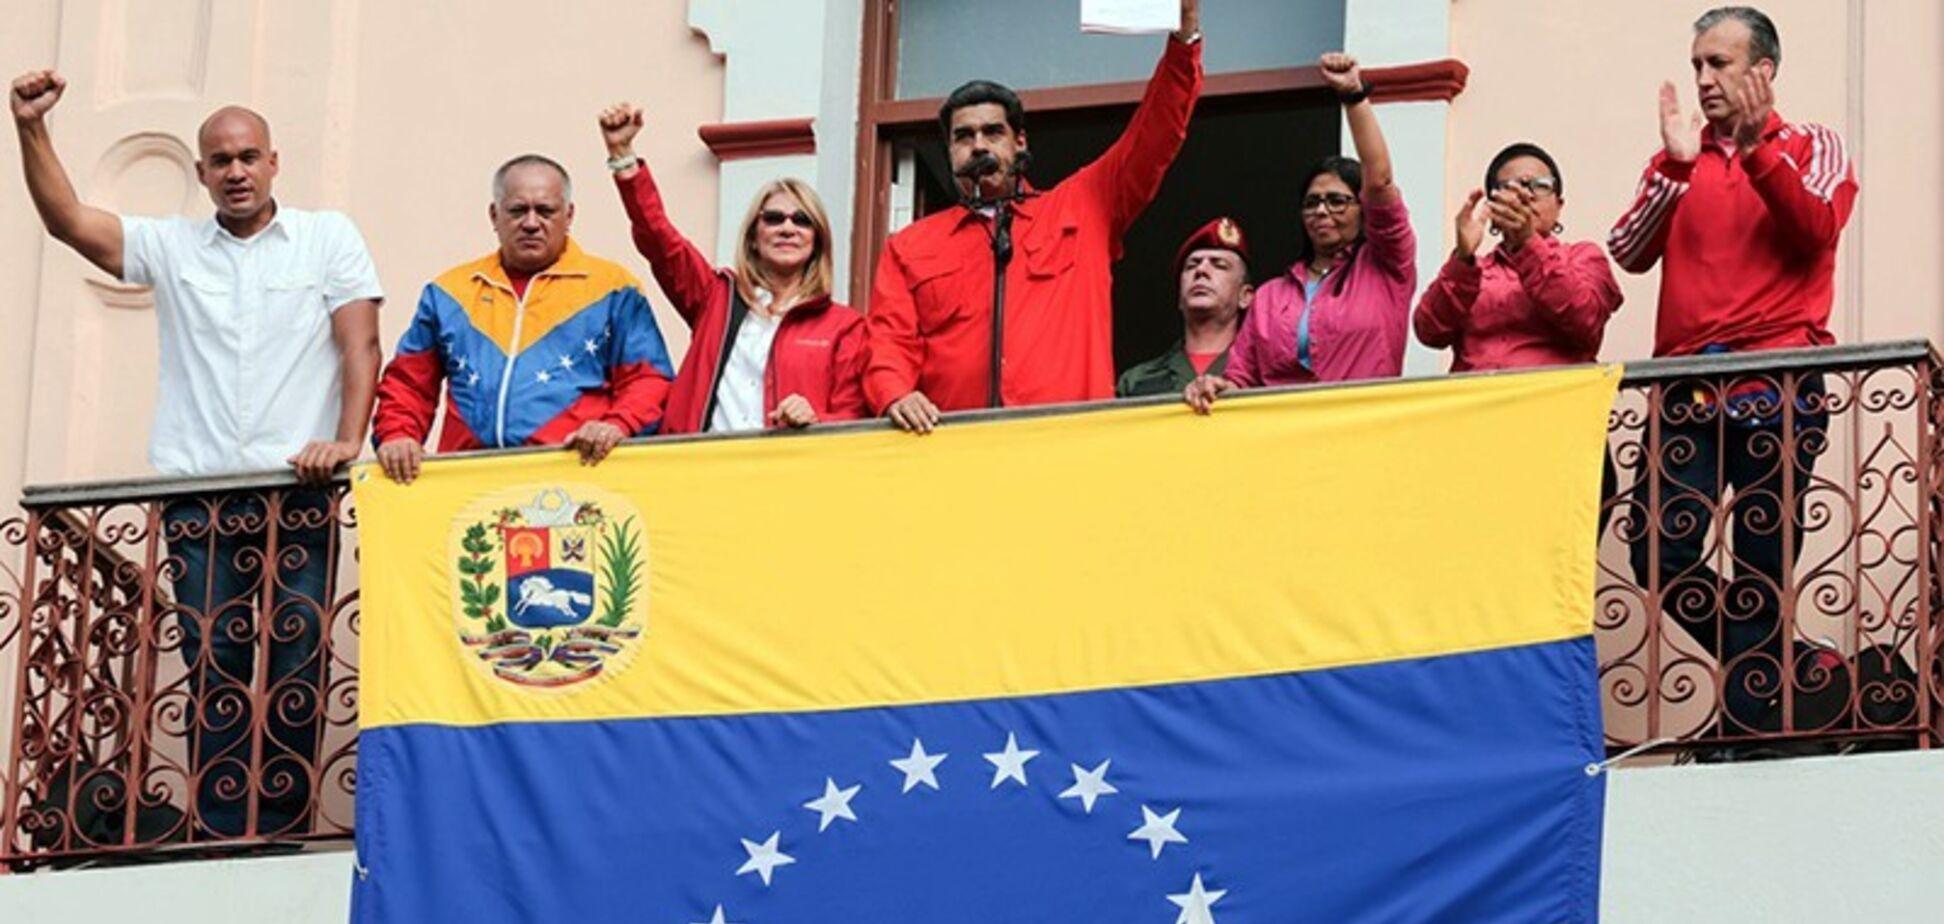 'И флаг похож': в России разглядели Киев в Венесуэле, украинцы смеются